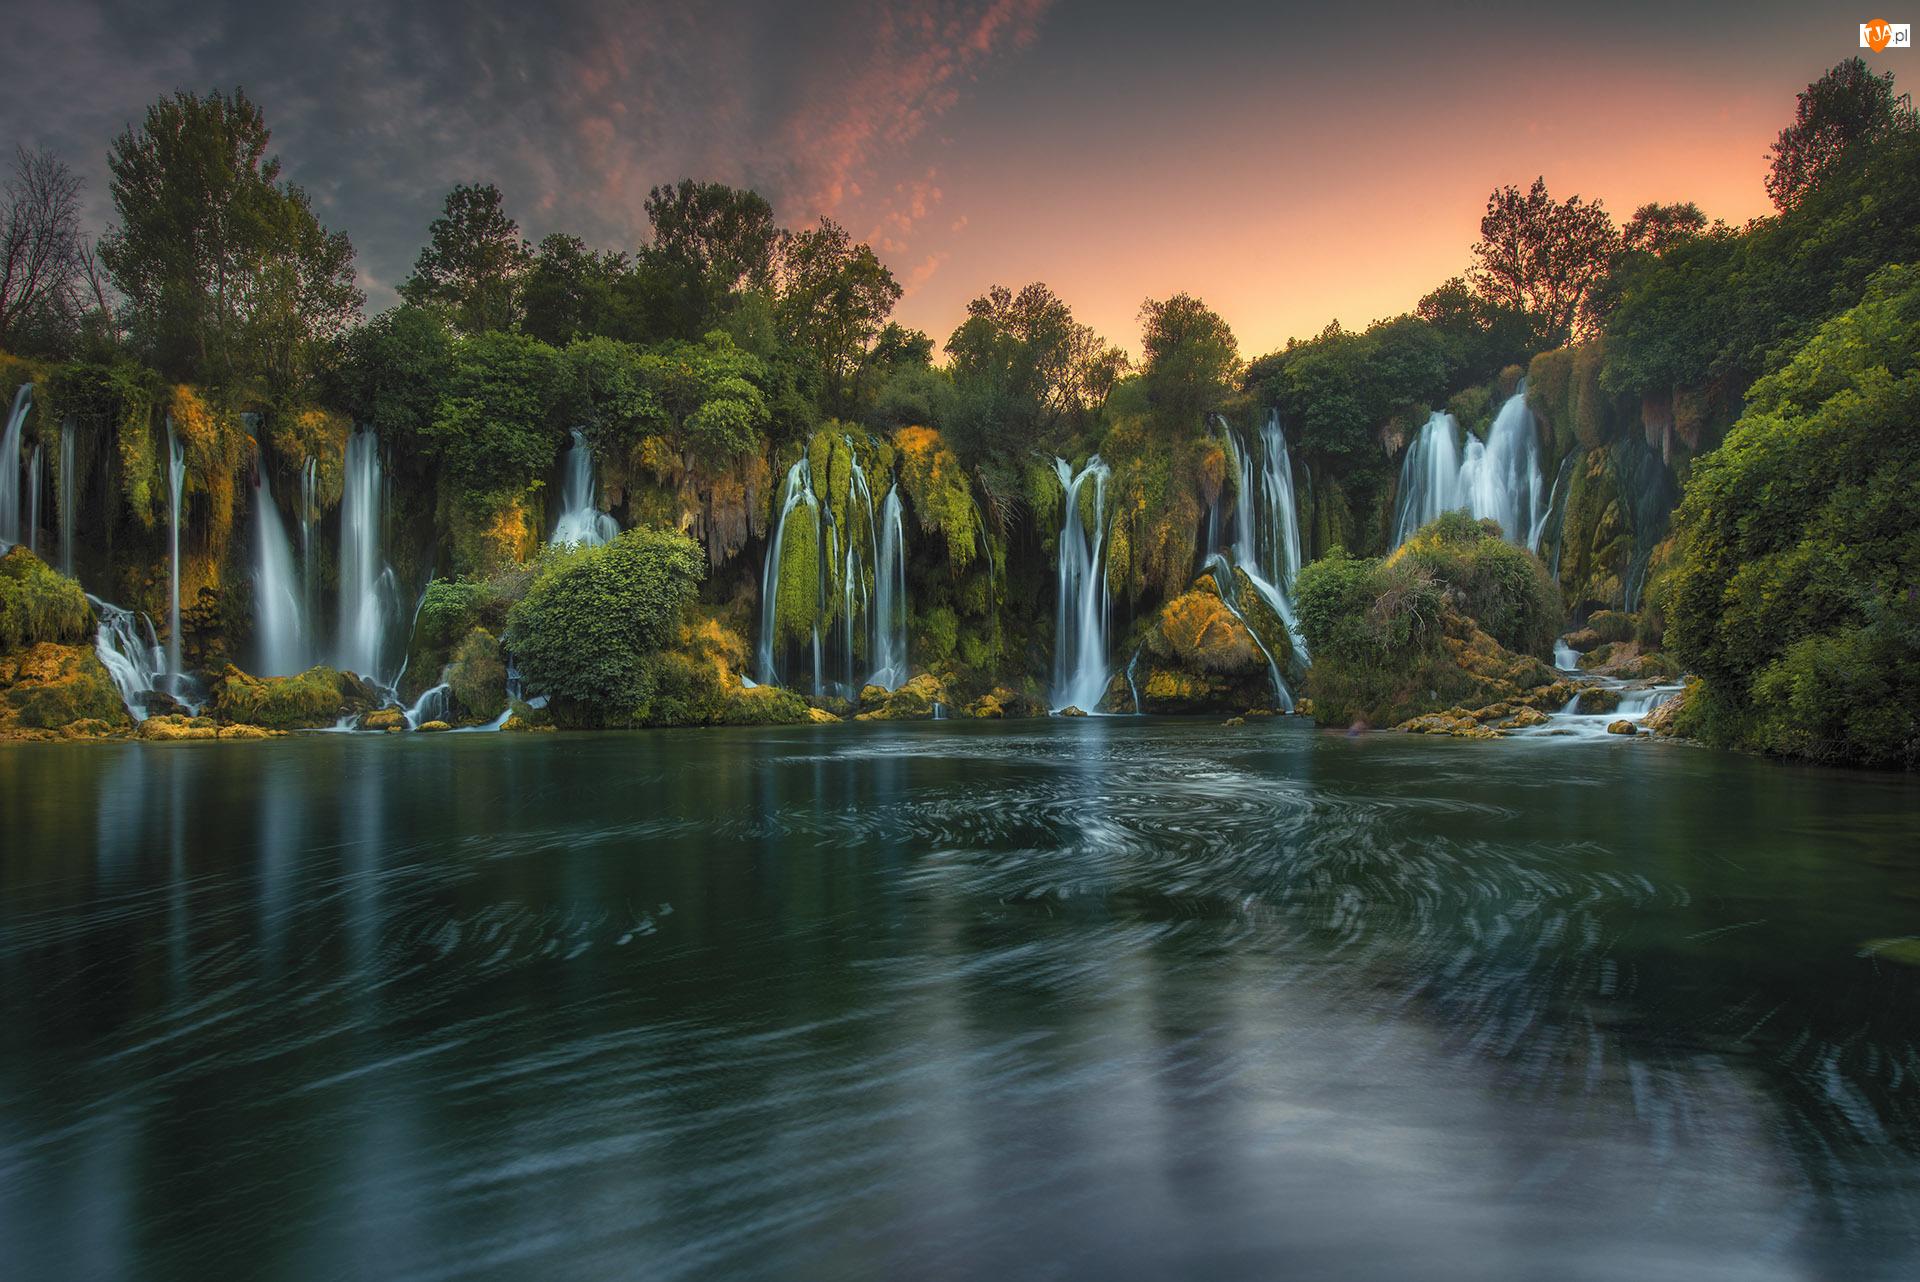 Rzeka Trebizat, Drzewa, Bośnia i Hercegowina, Wodospady Kravica, Zachód słońca, Skały, Roślinność